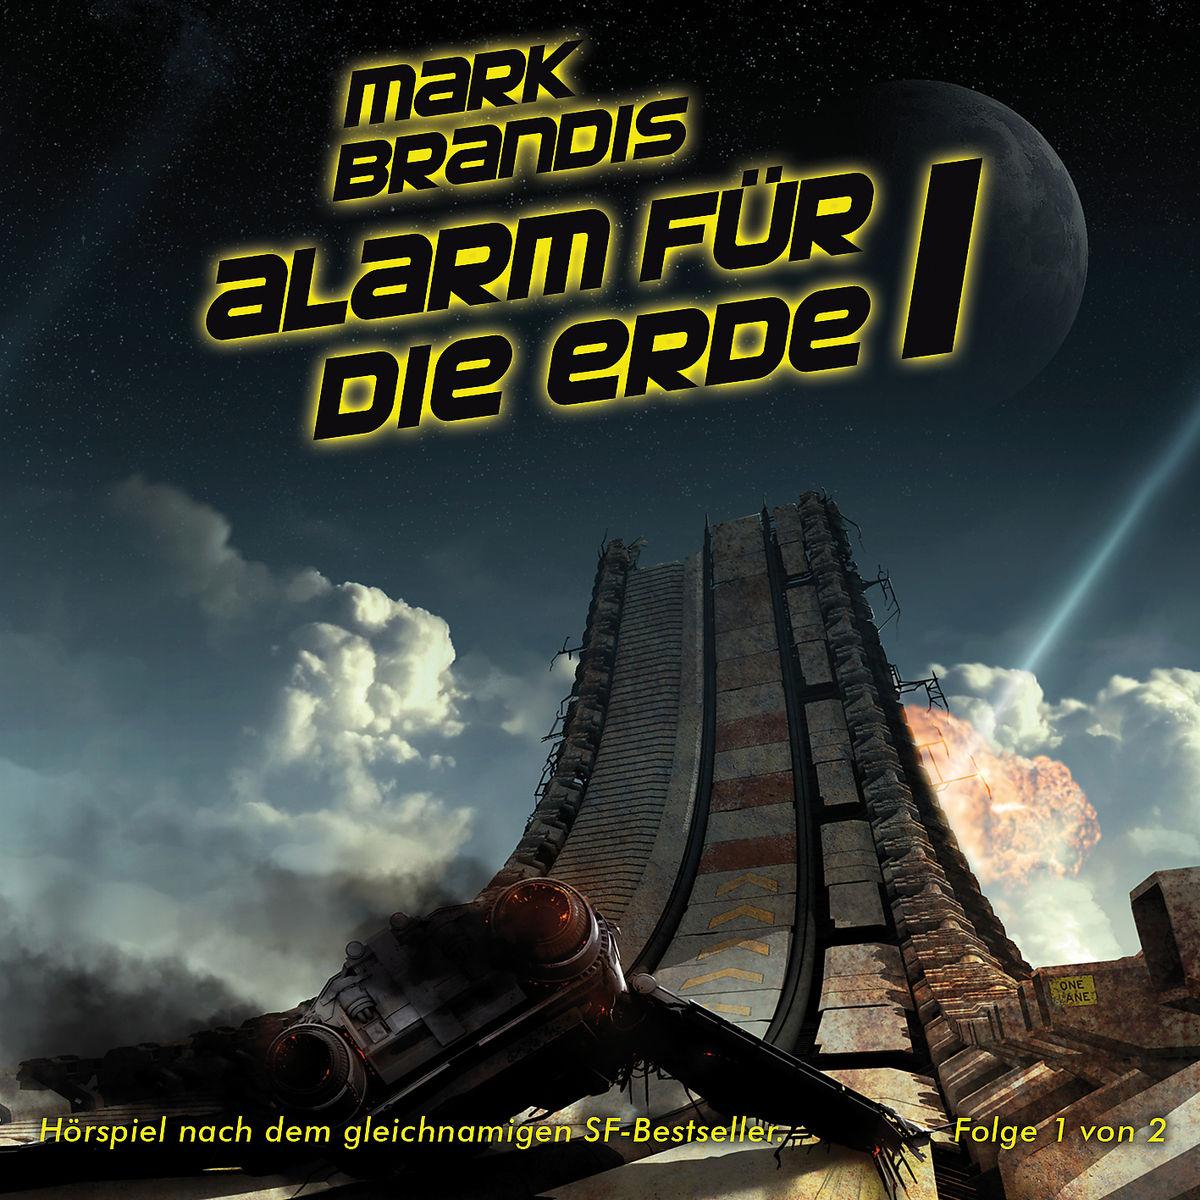 Mark-Brandis-17-Alarm-fuer-die-Erde-Teil-1-von-2-Nikolai-0602527804163